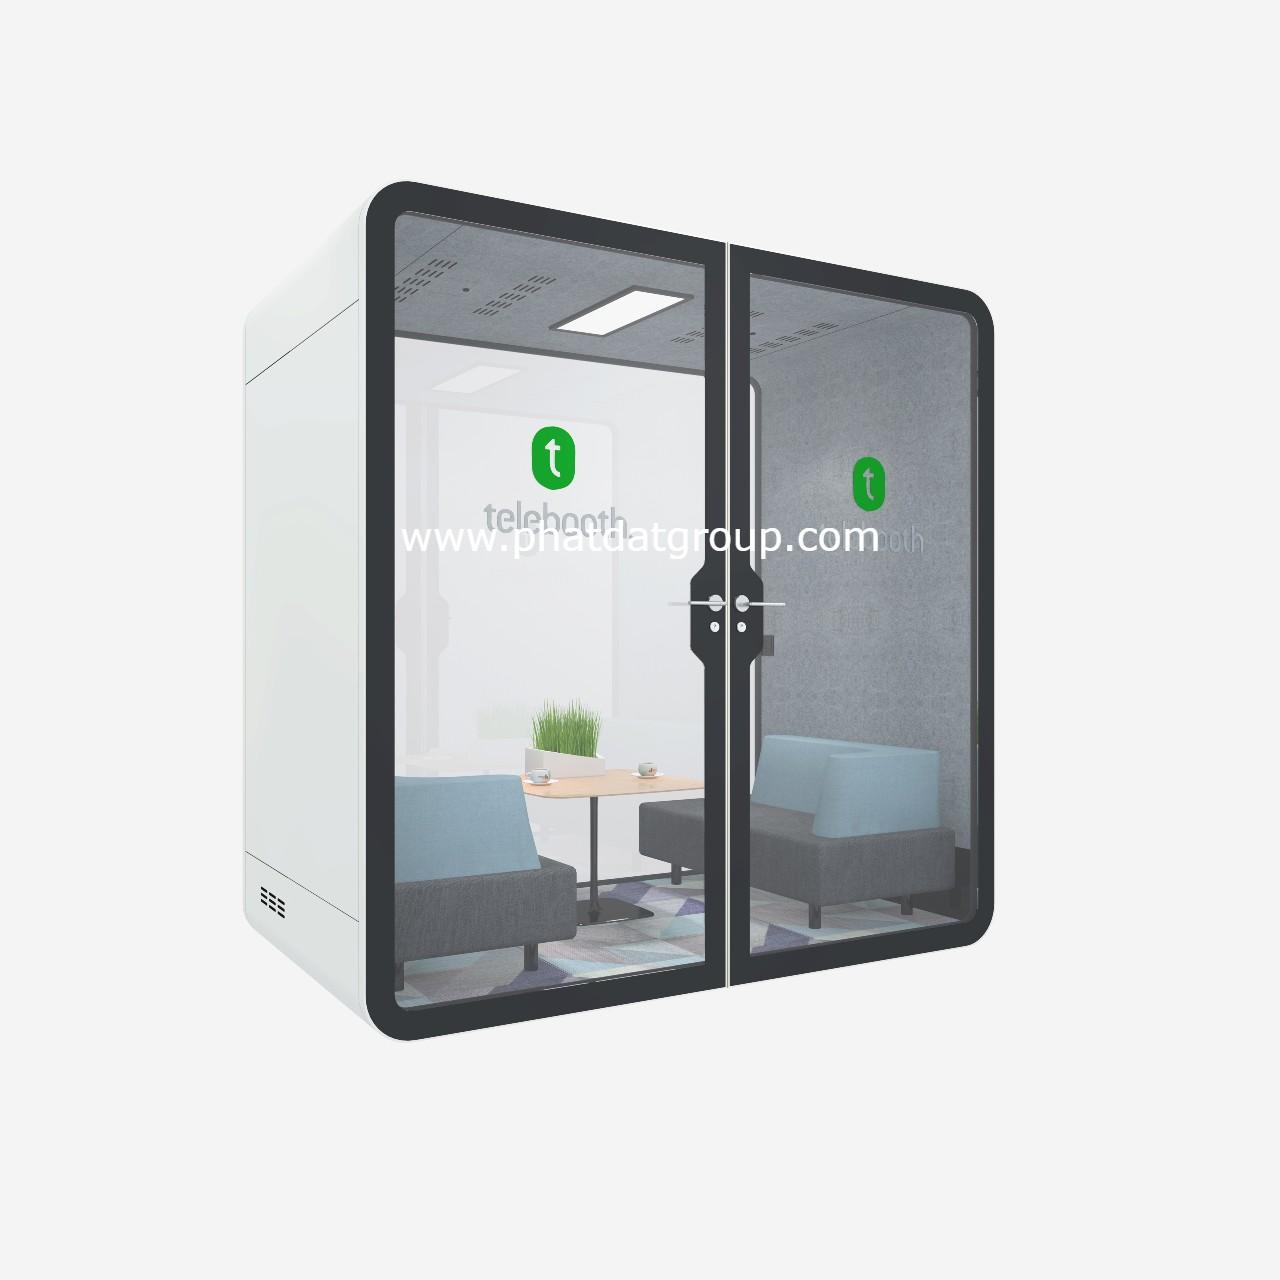 Hệ thống phonebooth cao cấp cho văn phòng, tòa nhà. Hotline: 0903127148 (Zalo/Viber)